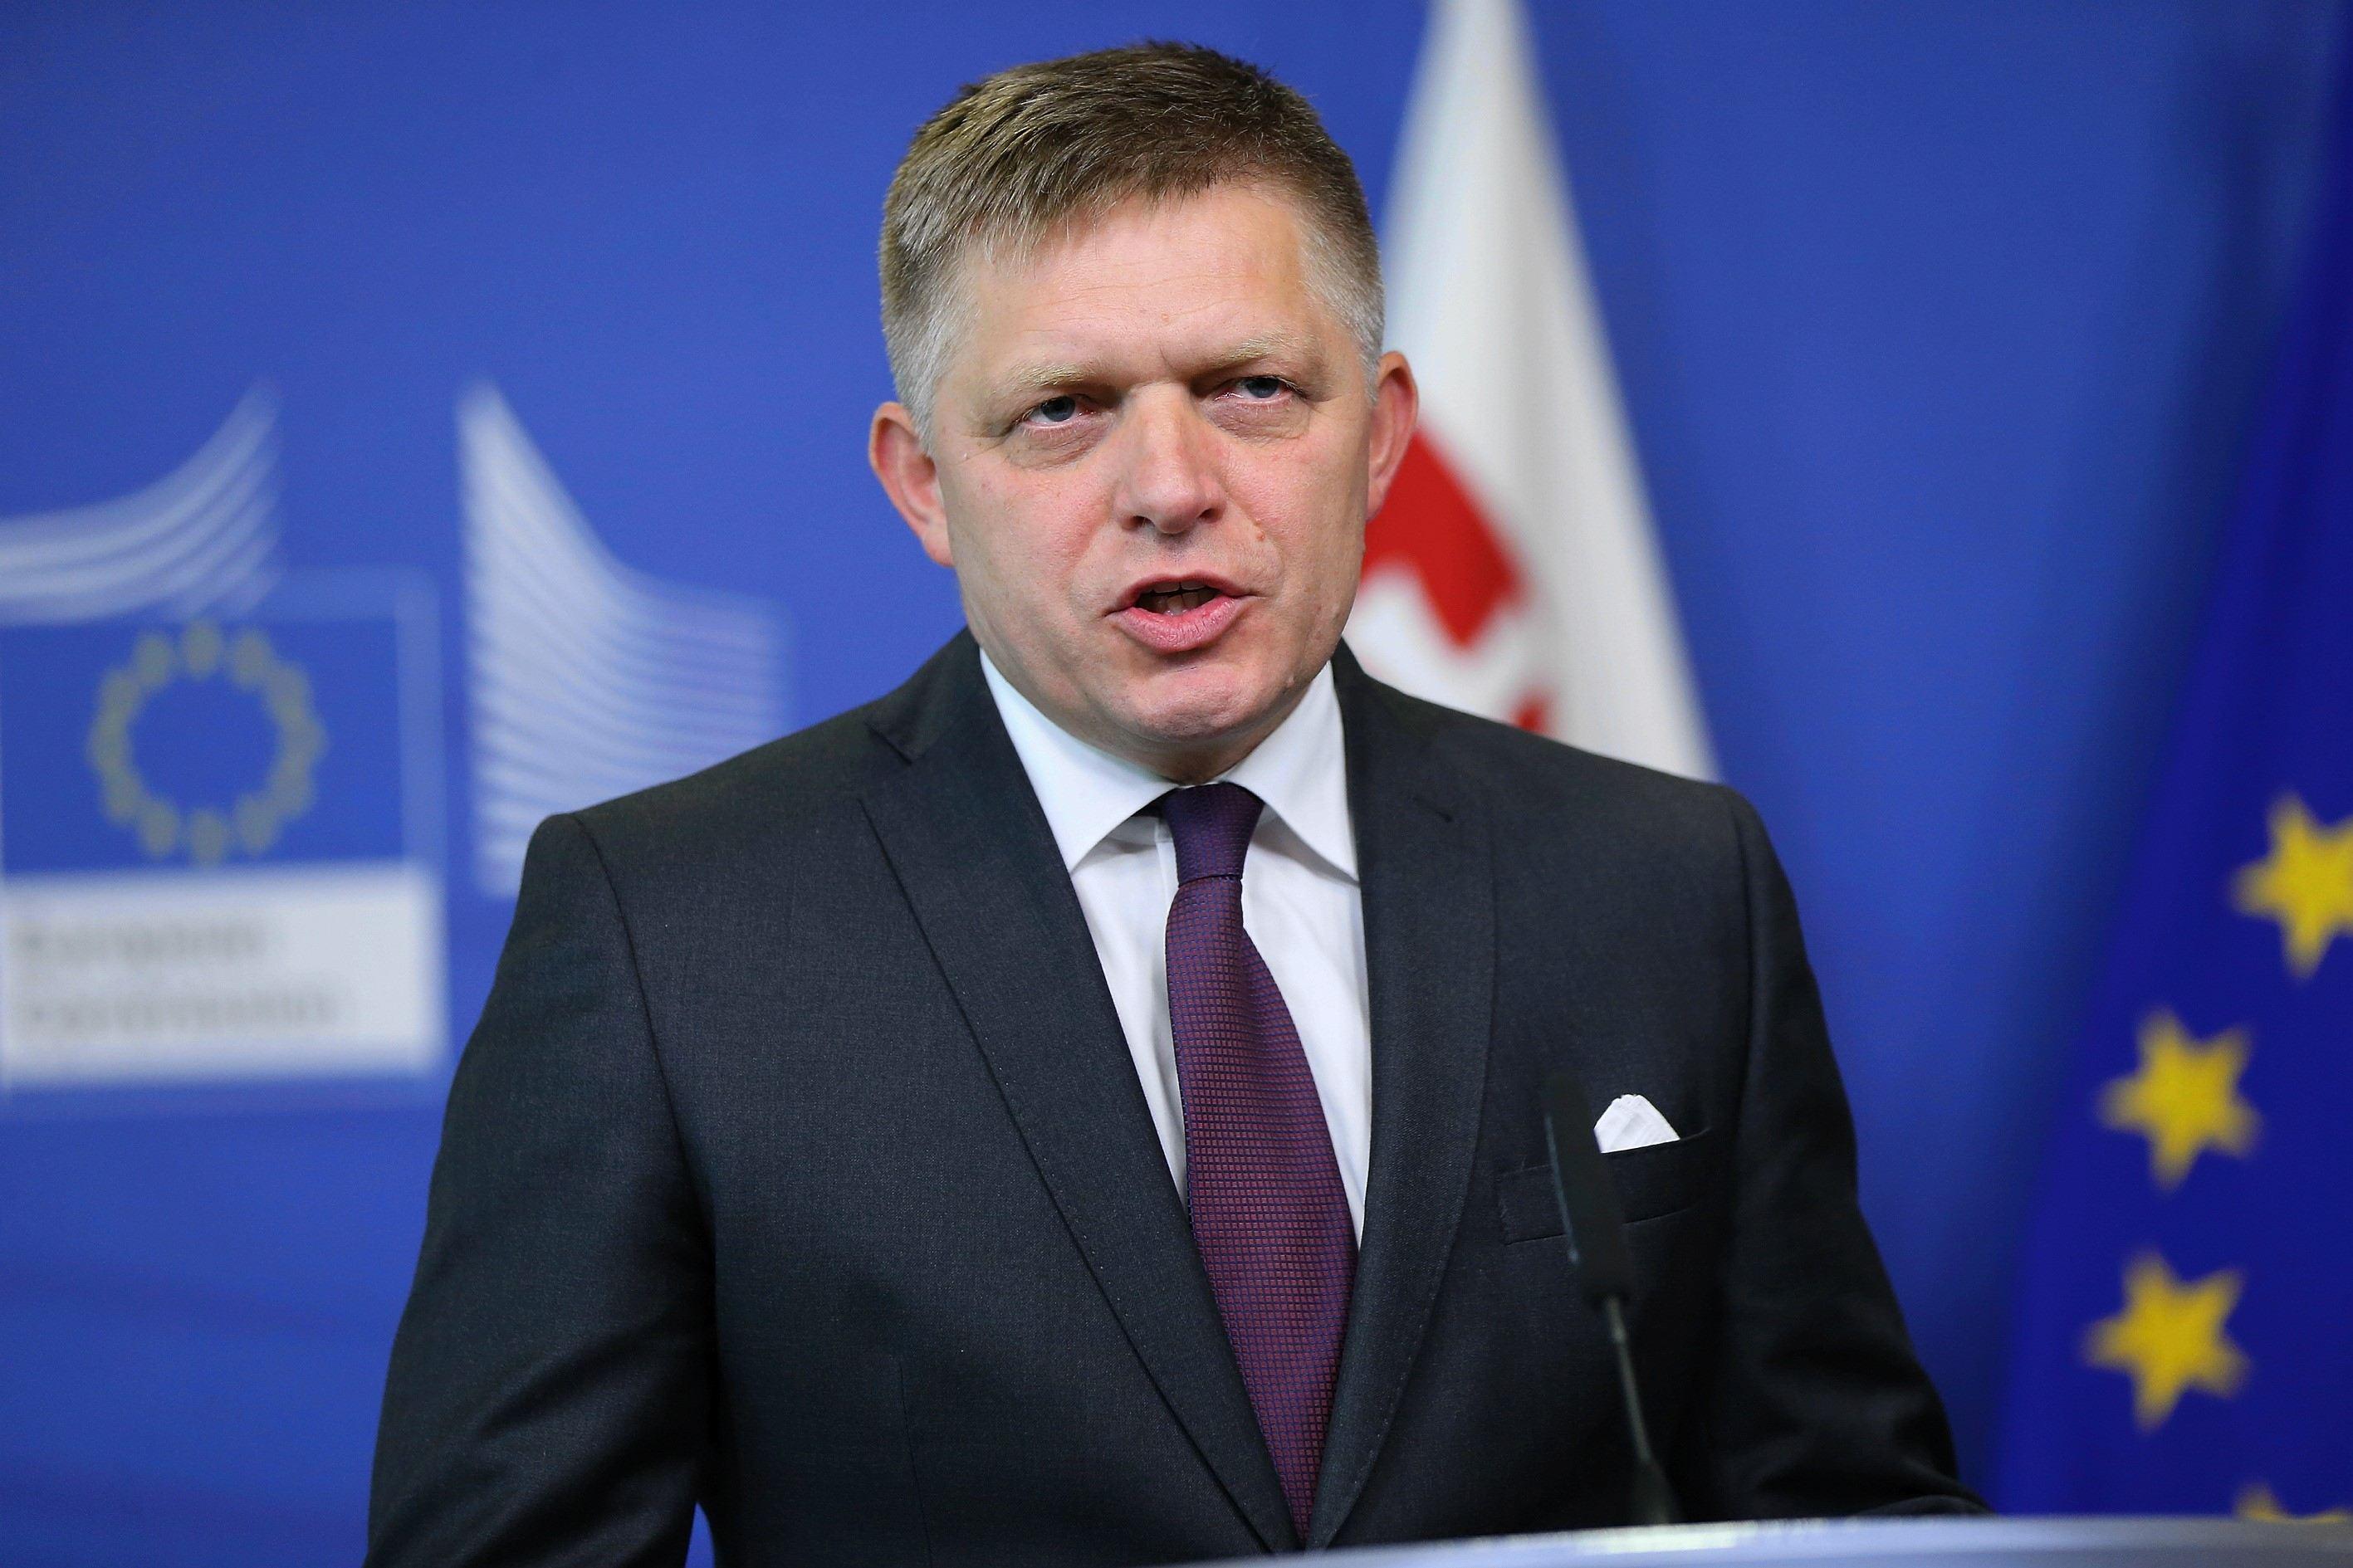 Premierul Fico: Slovacia a devenit o insulă proeuropeană în regiune / Reacţia, după ce ANO, partid antiimigraţie şi eurosceptic, a câştigat algerile în Cehia